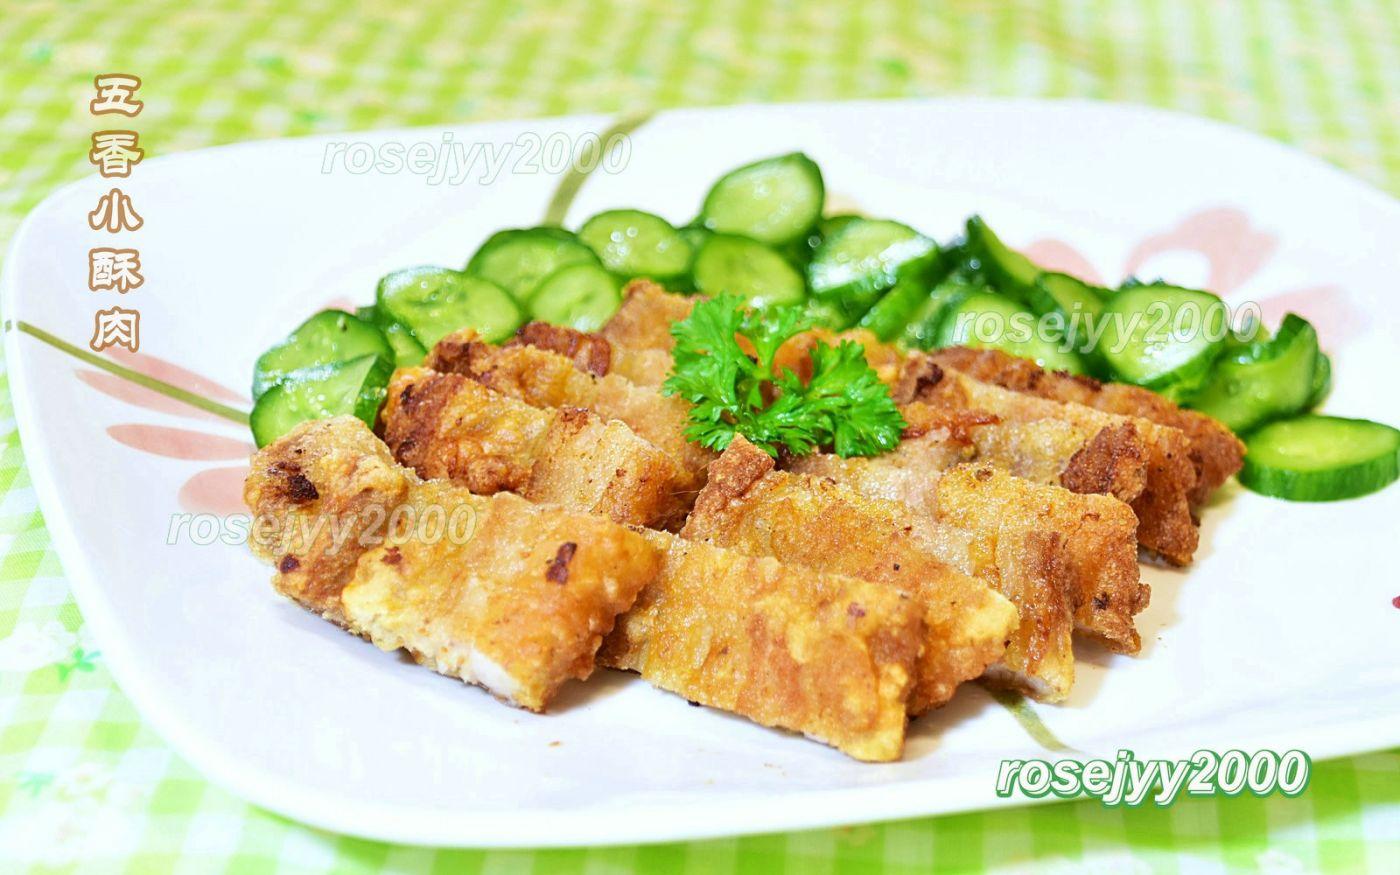 五香小酥肉_图1-1